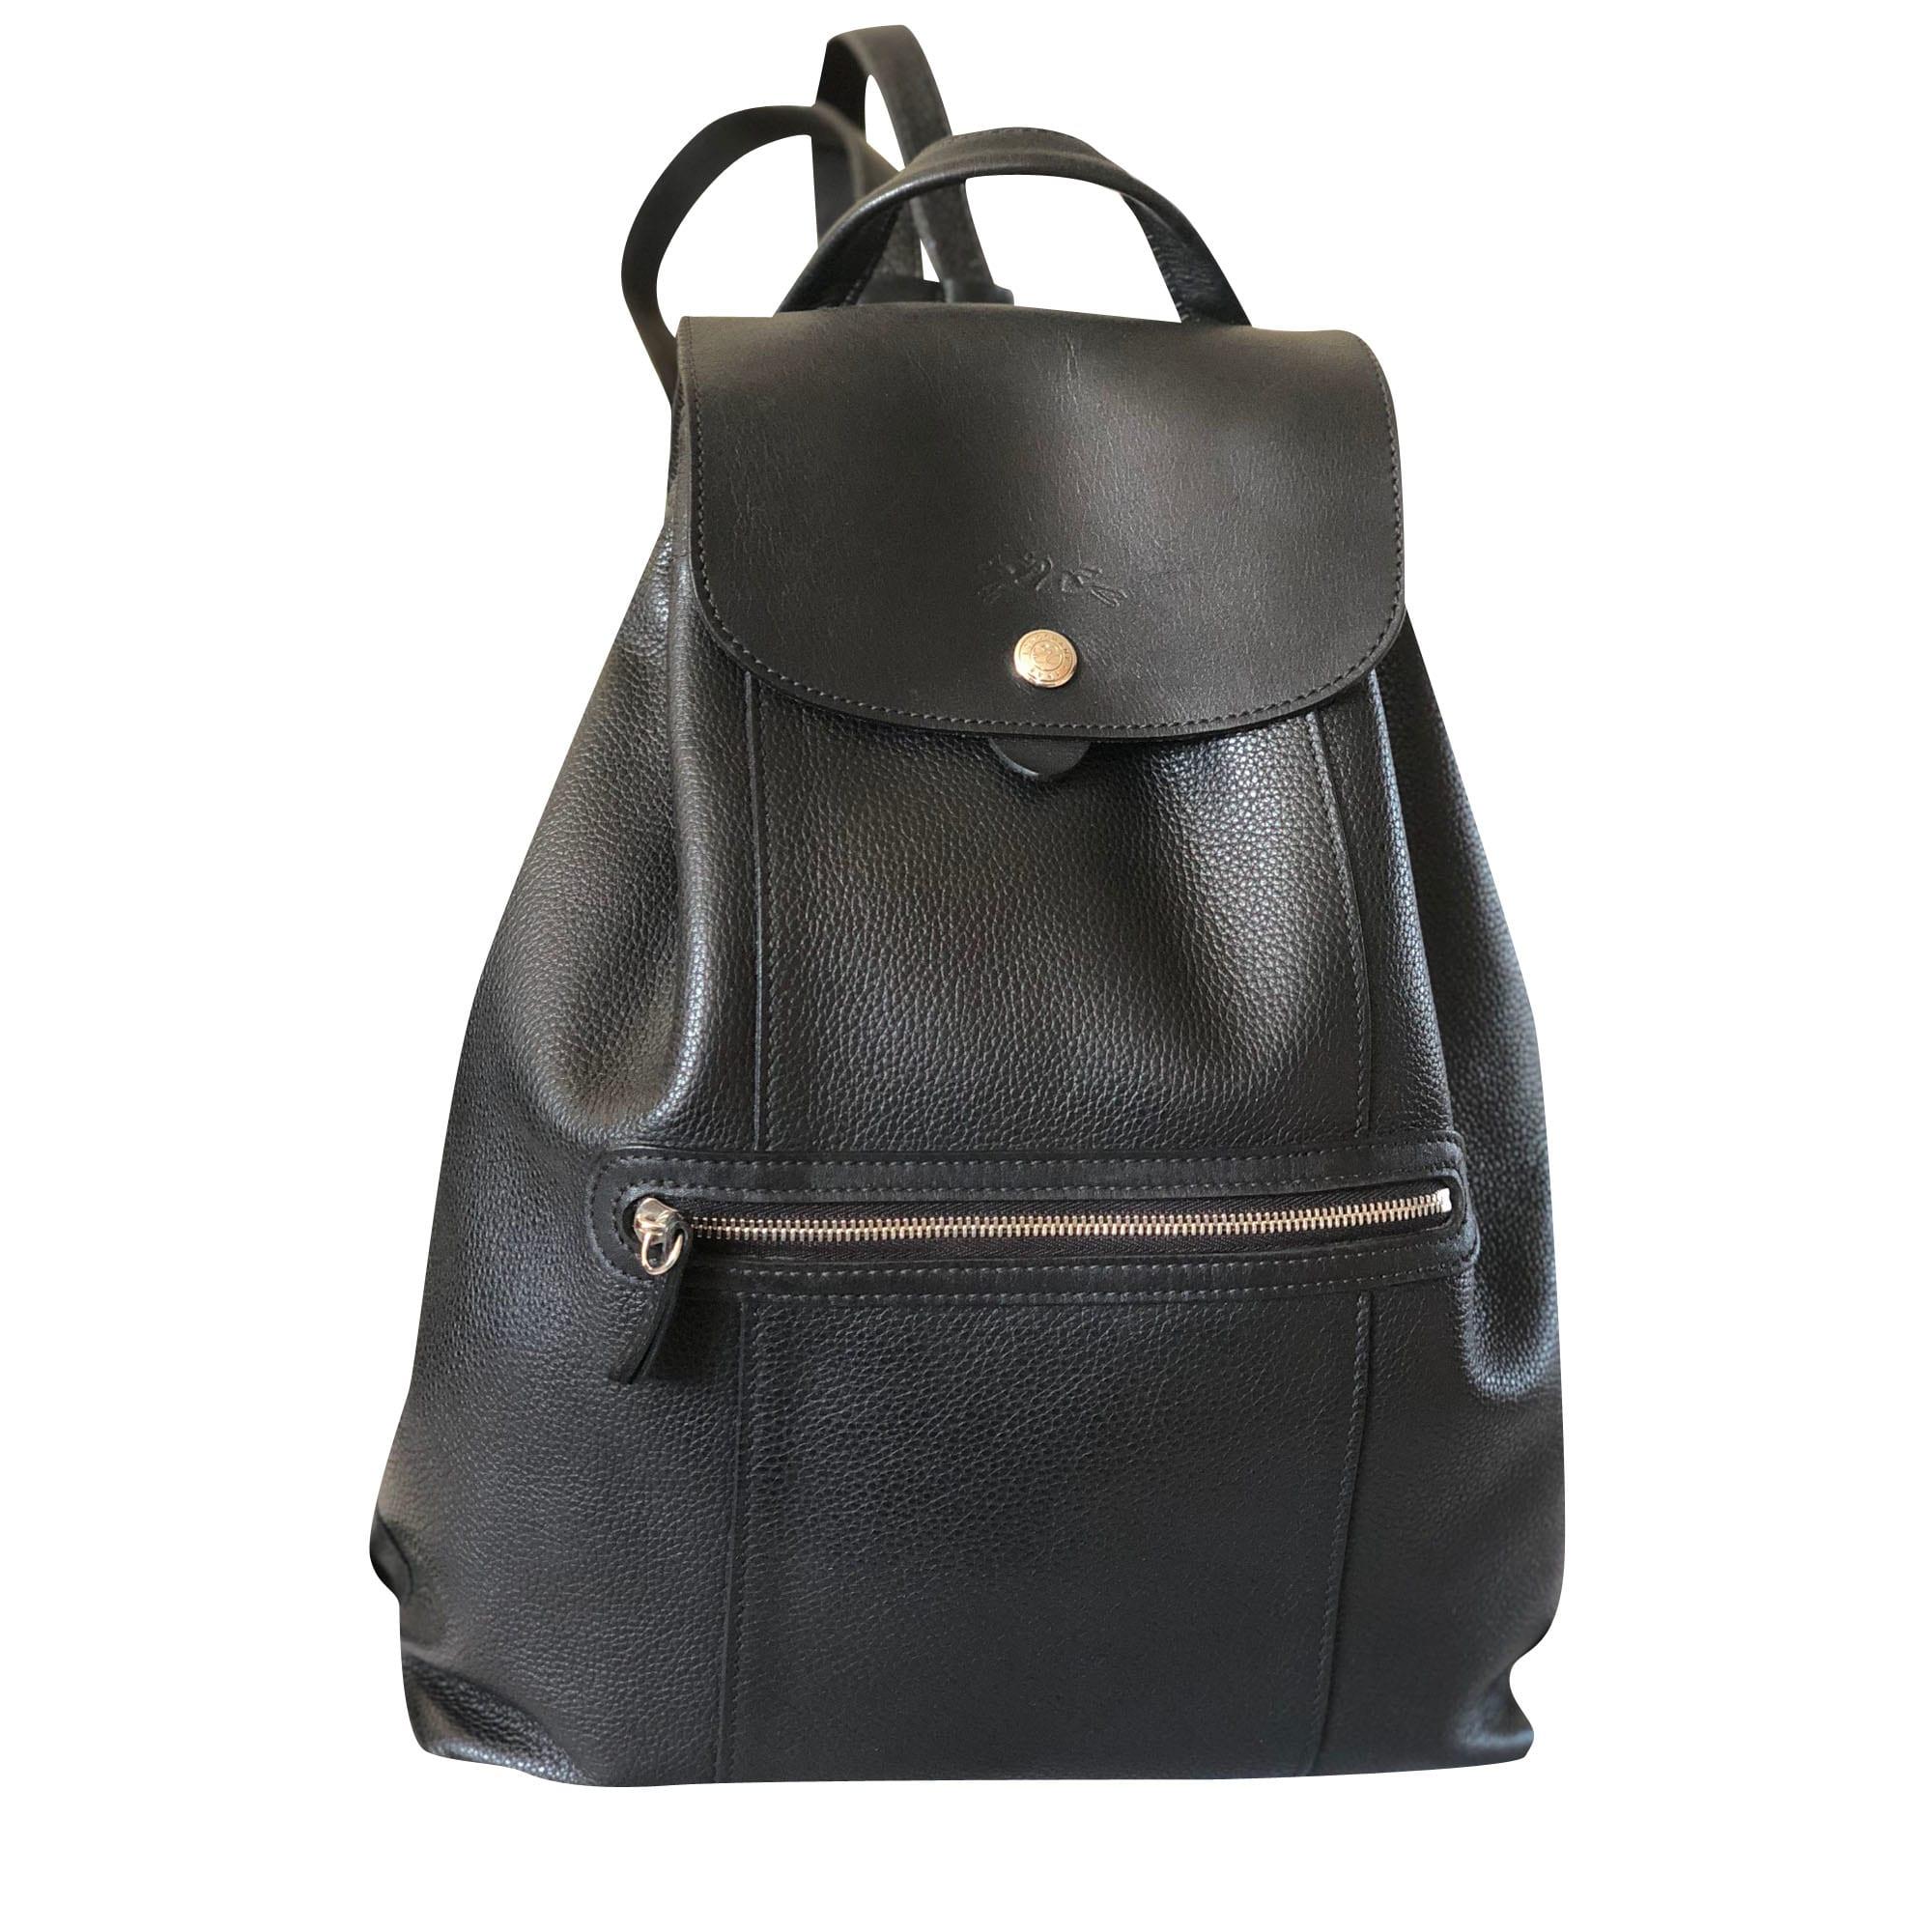 énorme réduction dernière sélection meilleur choix Backpack LONGCHAMP